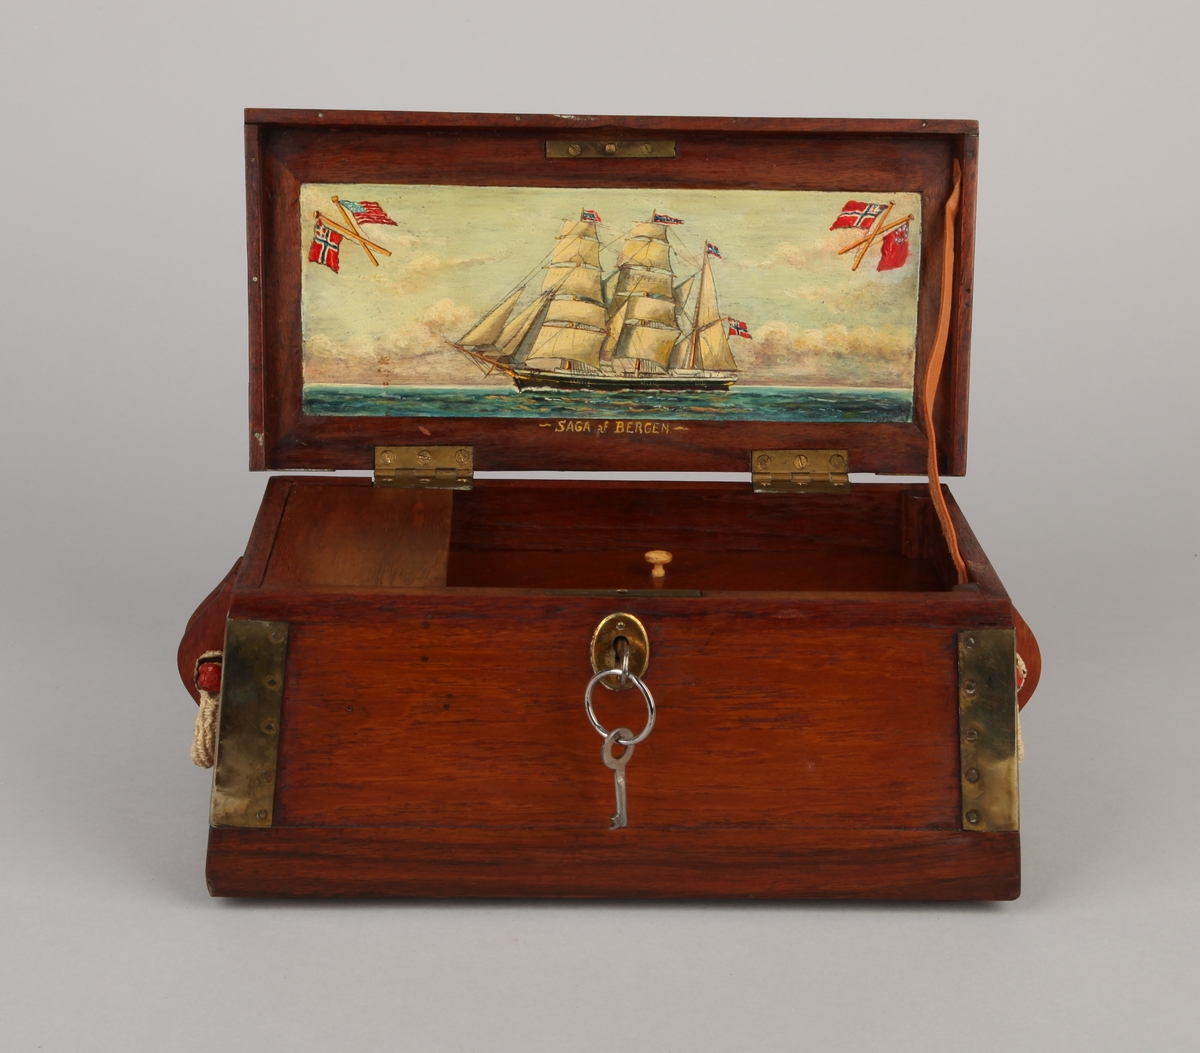 Modell av skipskiste med beslag, klamper og stropper. Seilskute bark SAGA malt i olje på innsiden av kistelokk. Leddik innvendig, samt lås med nøkkel.